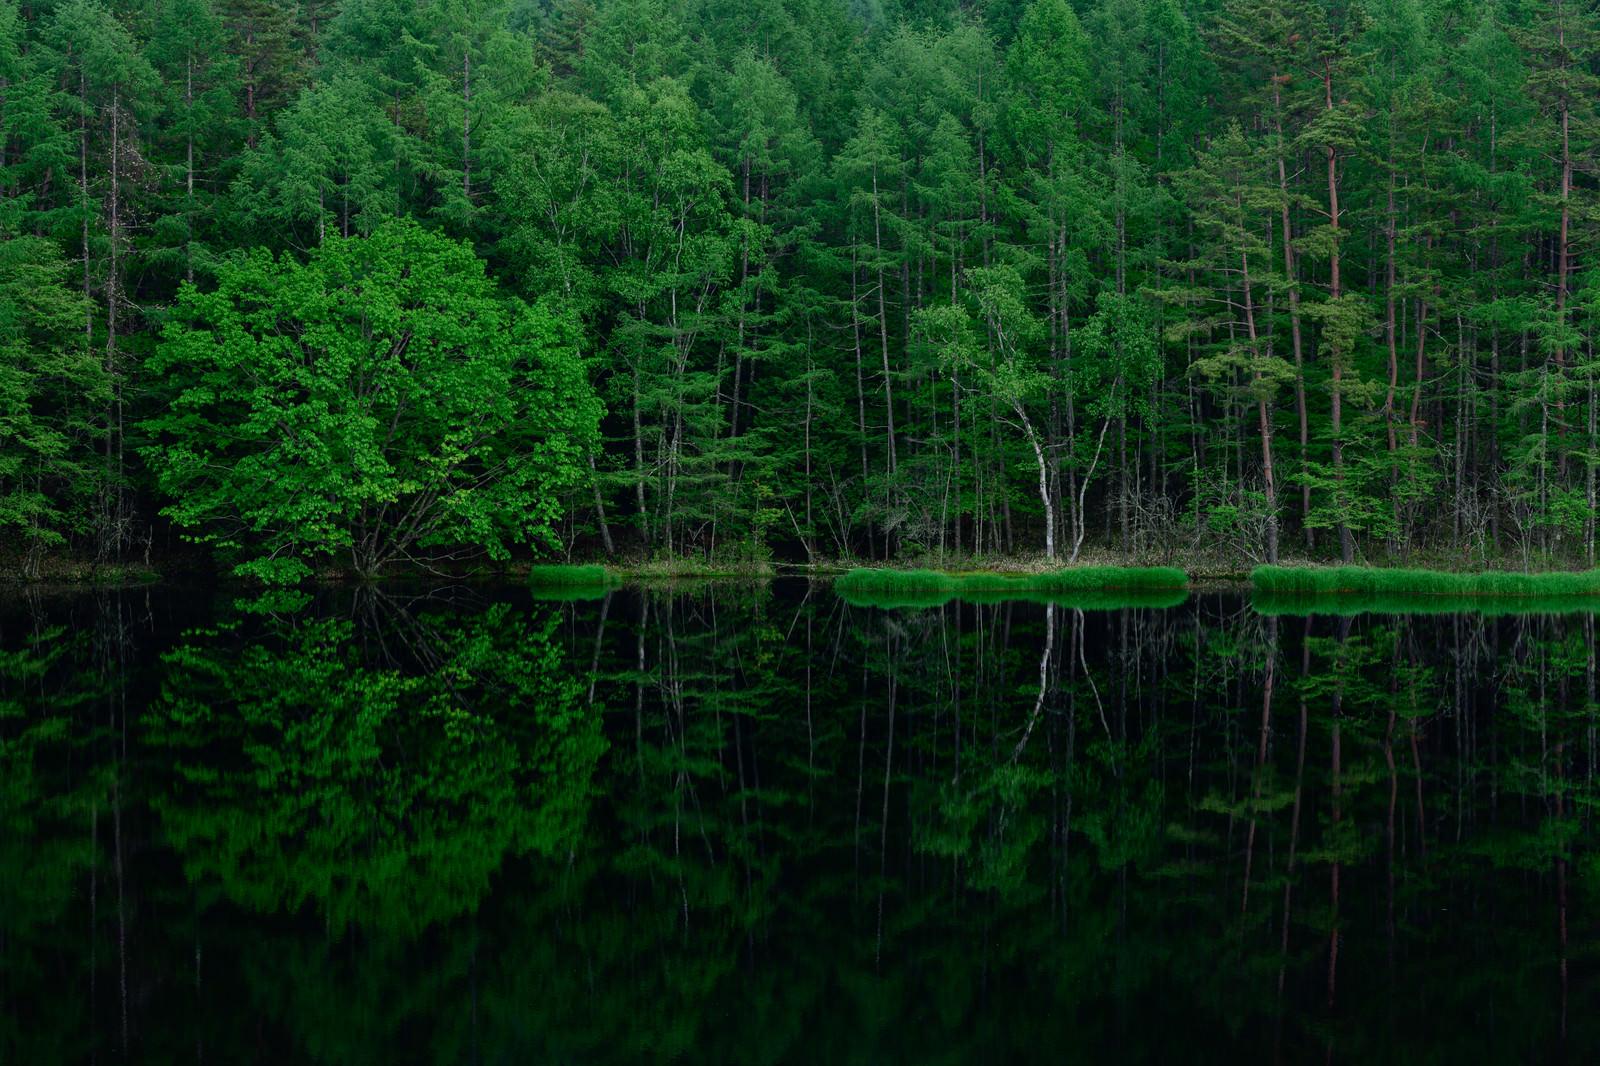 「池の水鏡に映る新緑の森」の写真